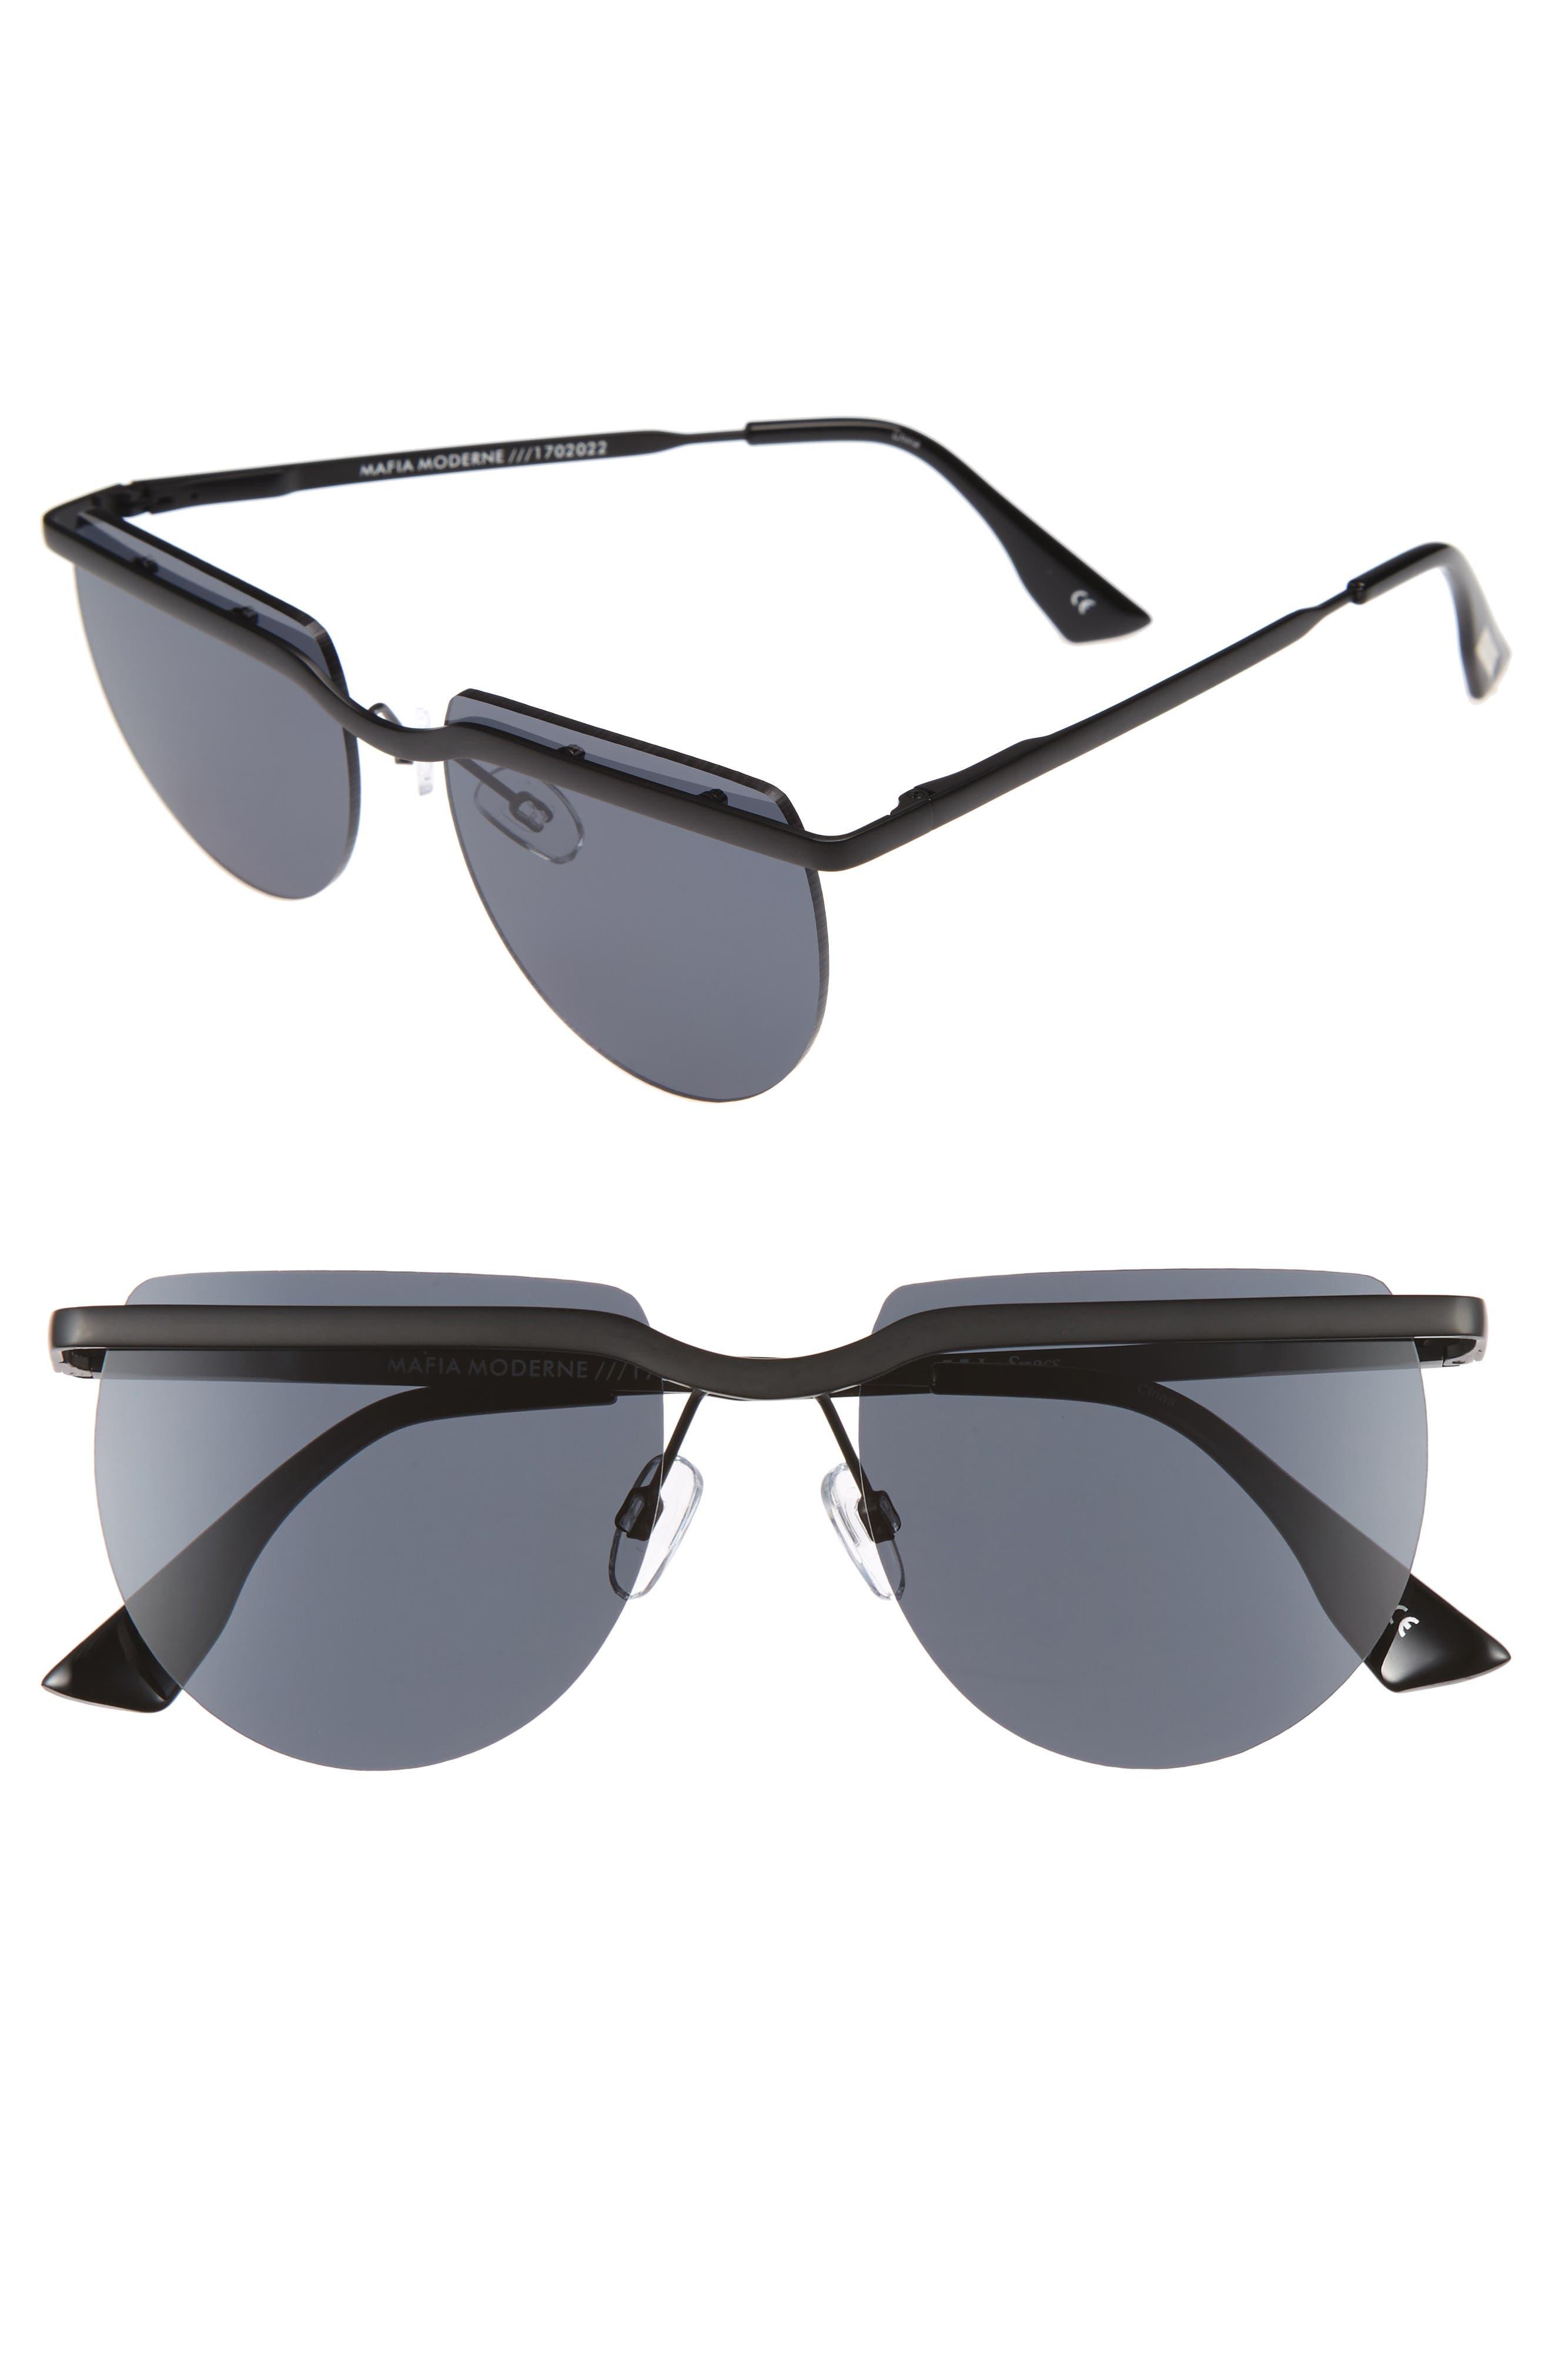 Mafia Moderne 52mm Rimless Sunglasses,                             Main thumbnail 1, color,                             001